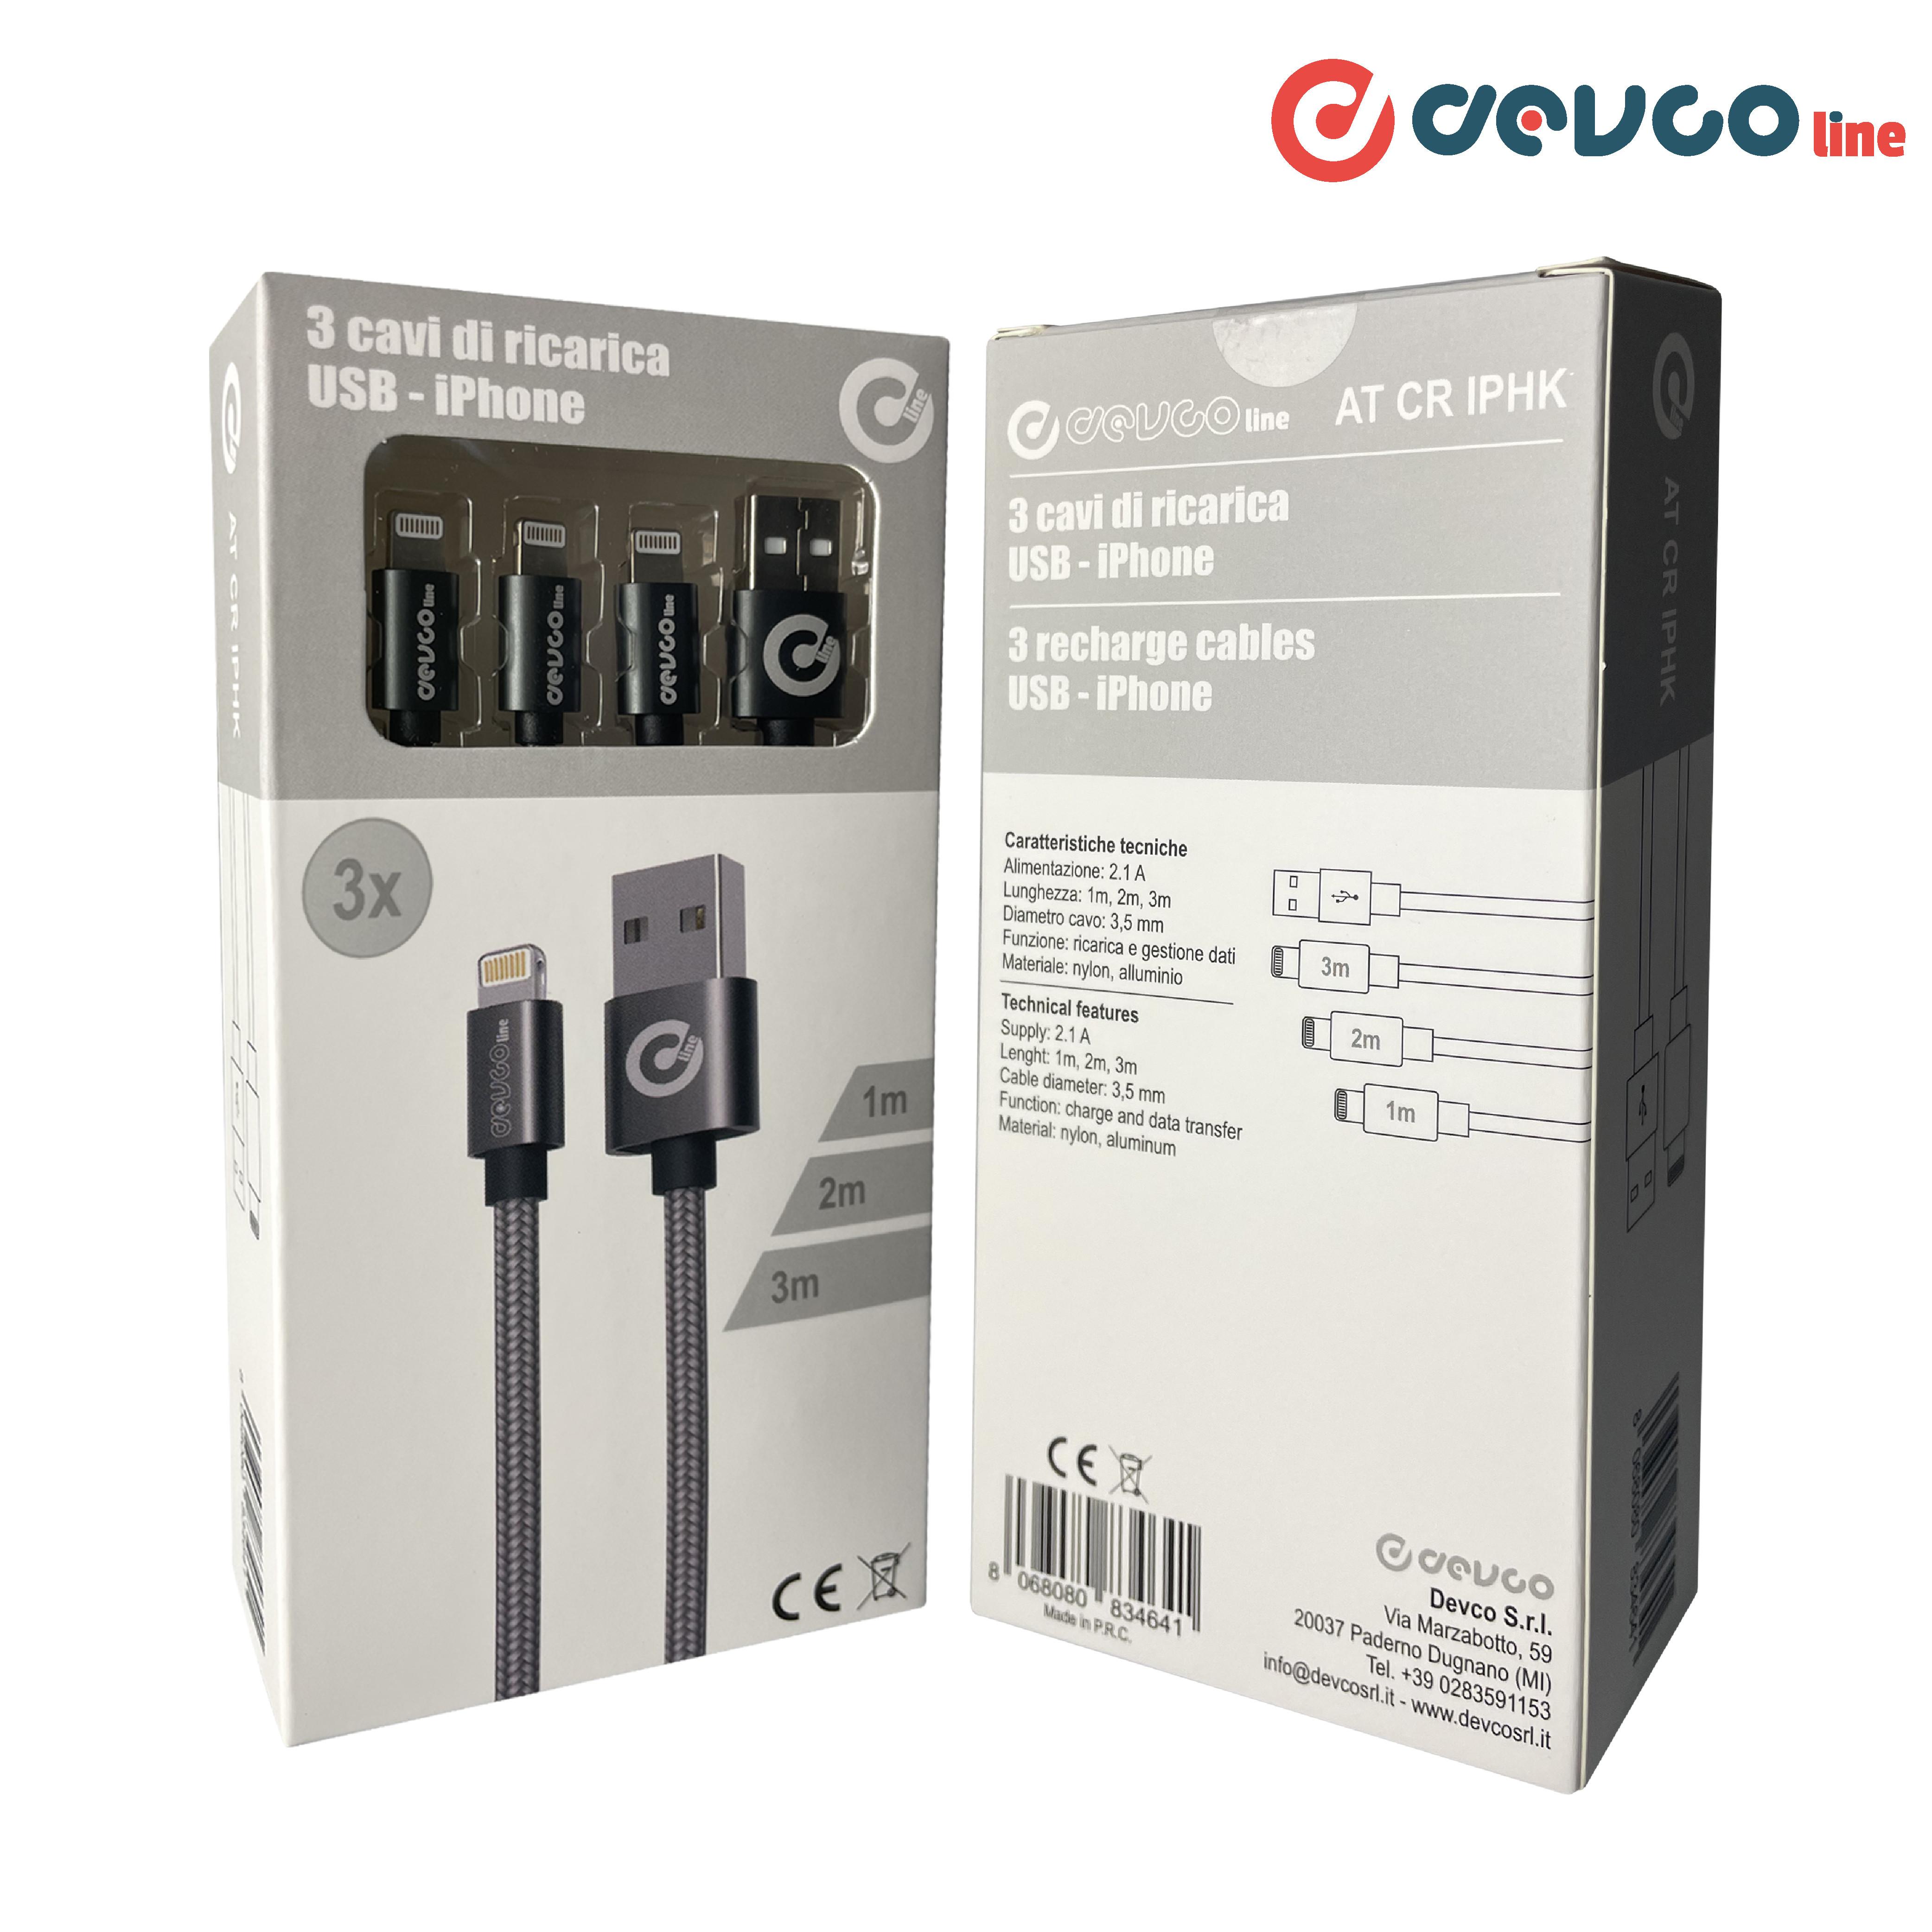 Kit set di 3 cavi USB per iPhone [1 m, 2 m, 3 m] attacco USB-A / Lightning